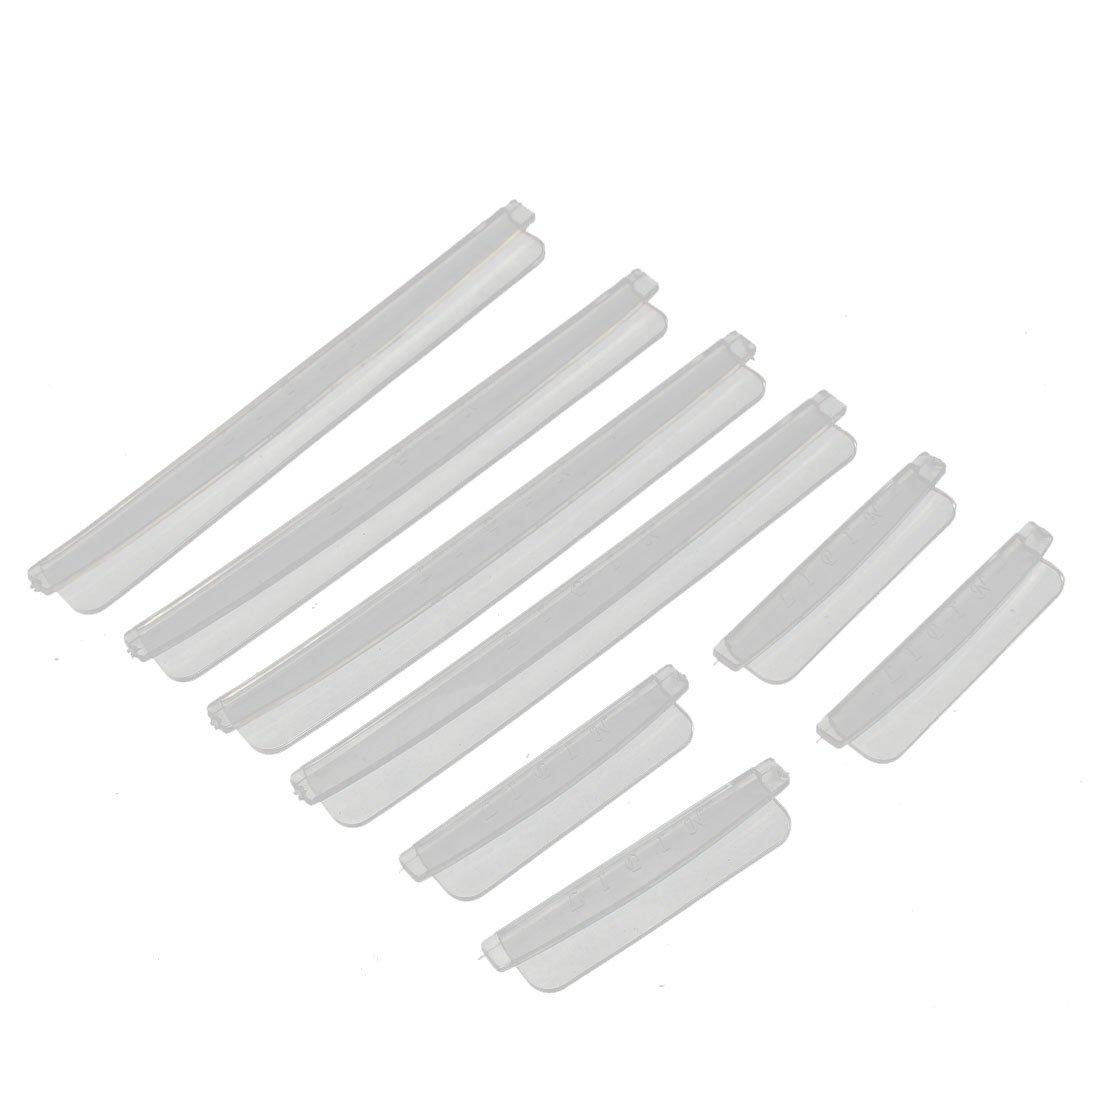 Sourcingmap Plastique Auto Bord De La Portiè re Grattement Bande Protecteur Gardes 8 en 1 Transparent a16012200ux0126